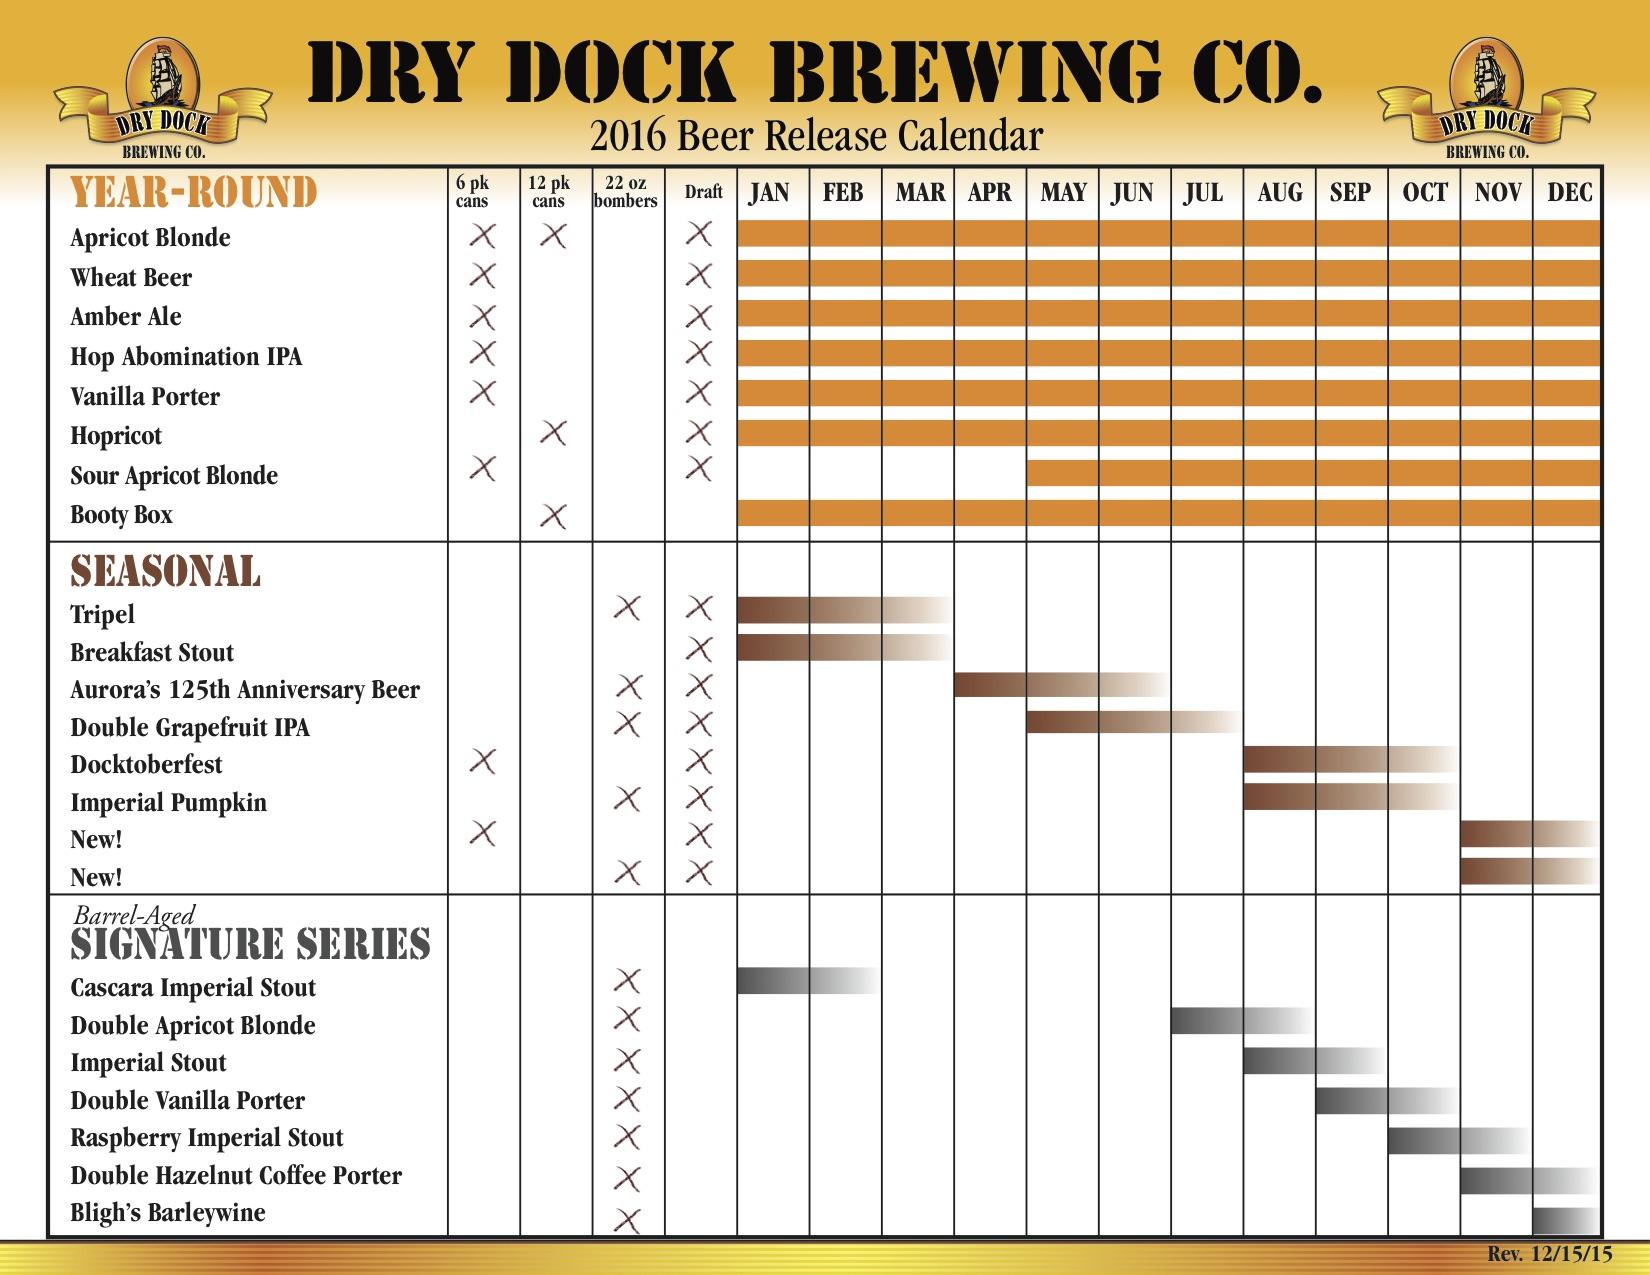 2016 Dry Dock Beer Release Calendar